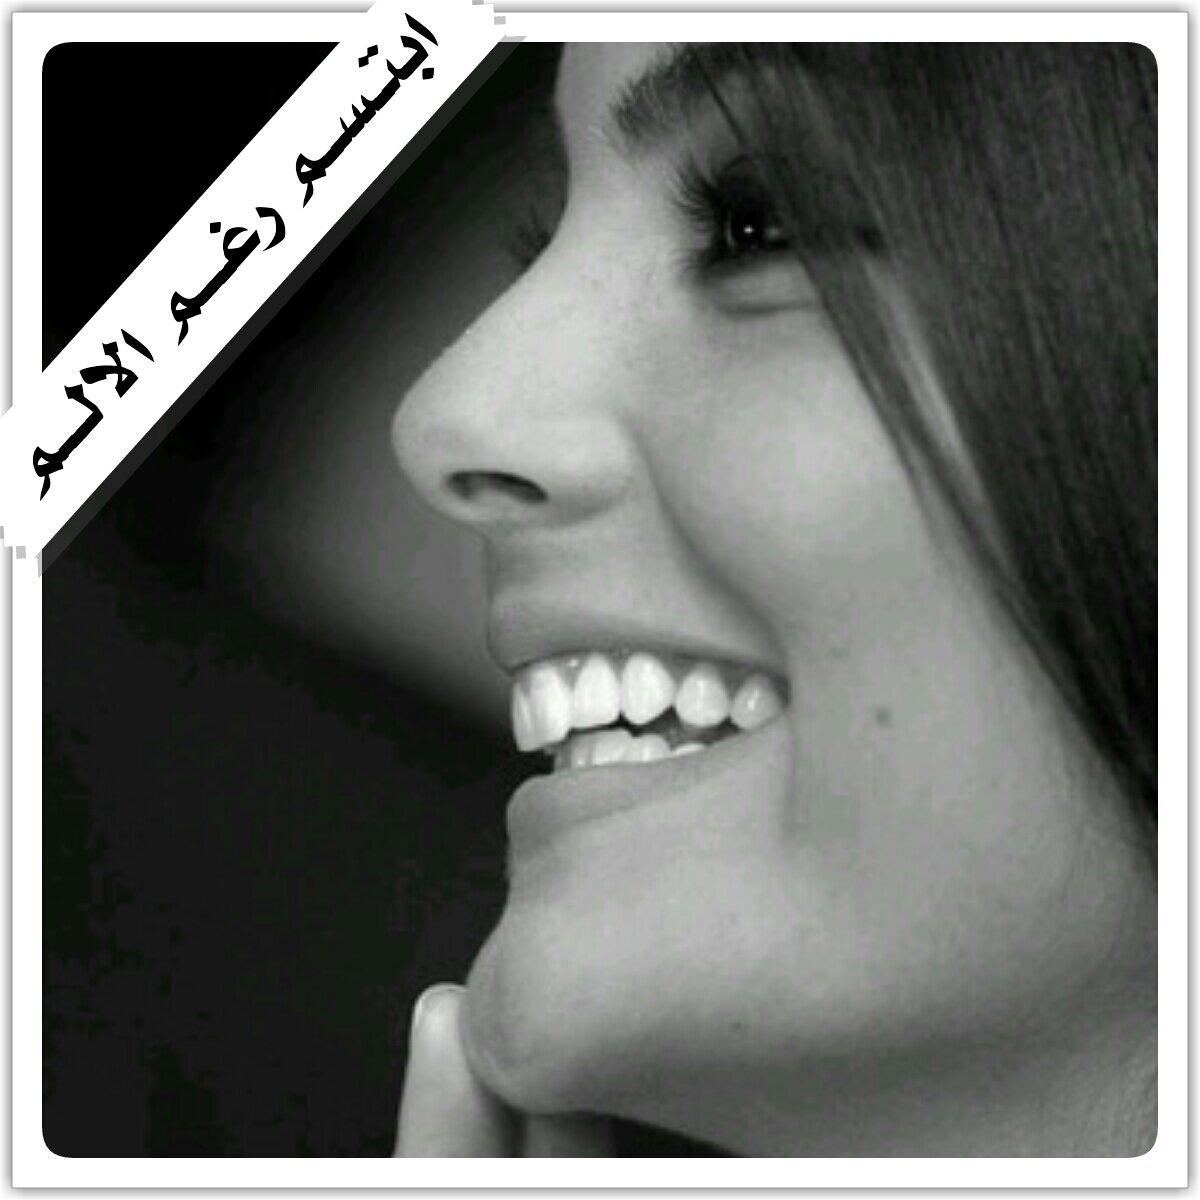 ابتسم رغم الالم Alhwemli76 Twitter